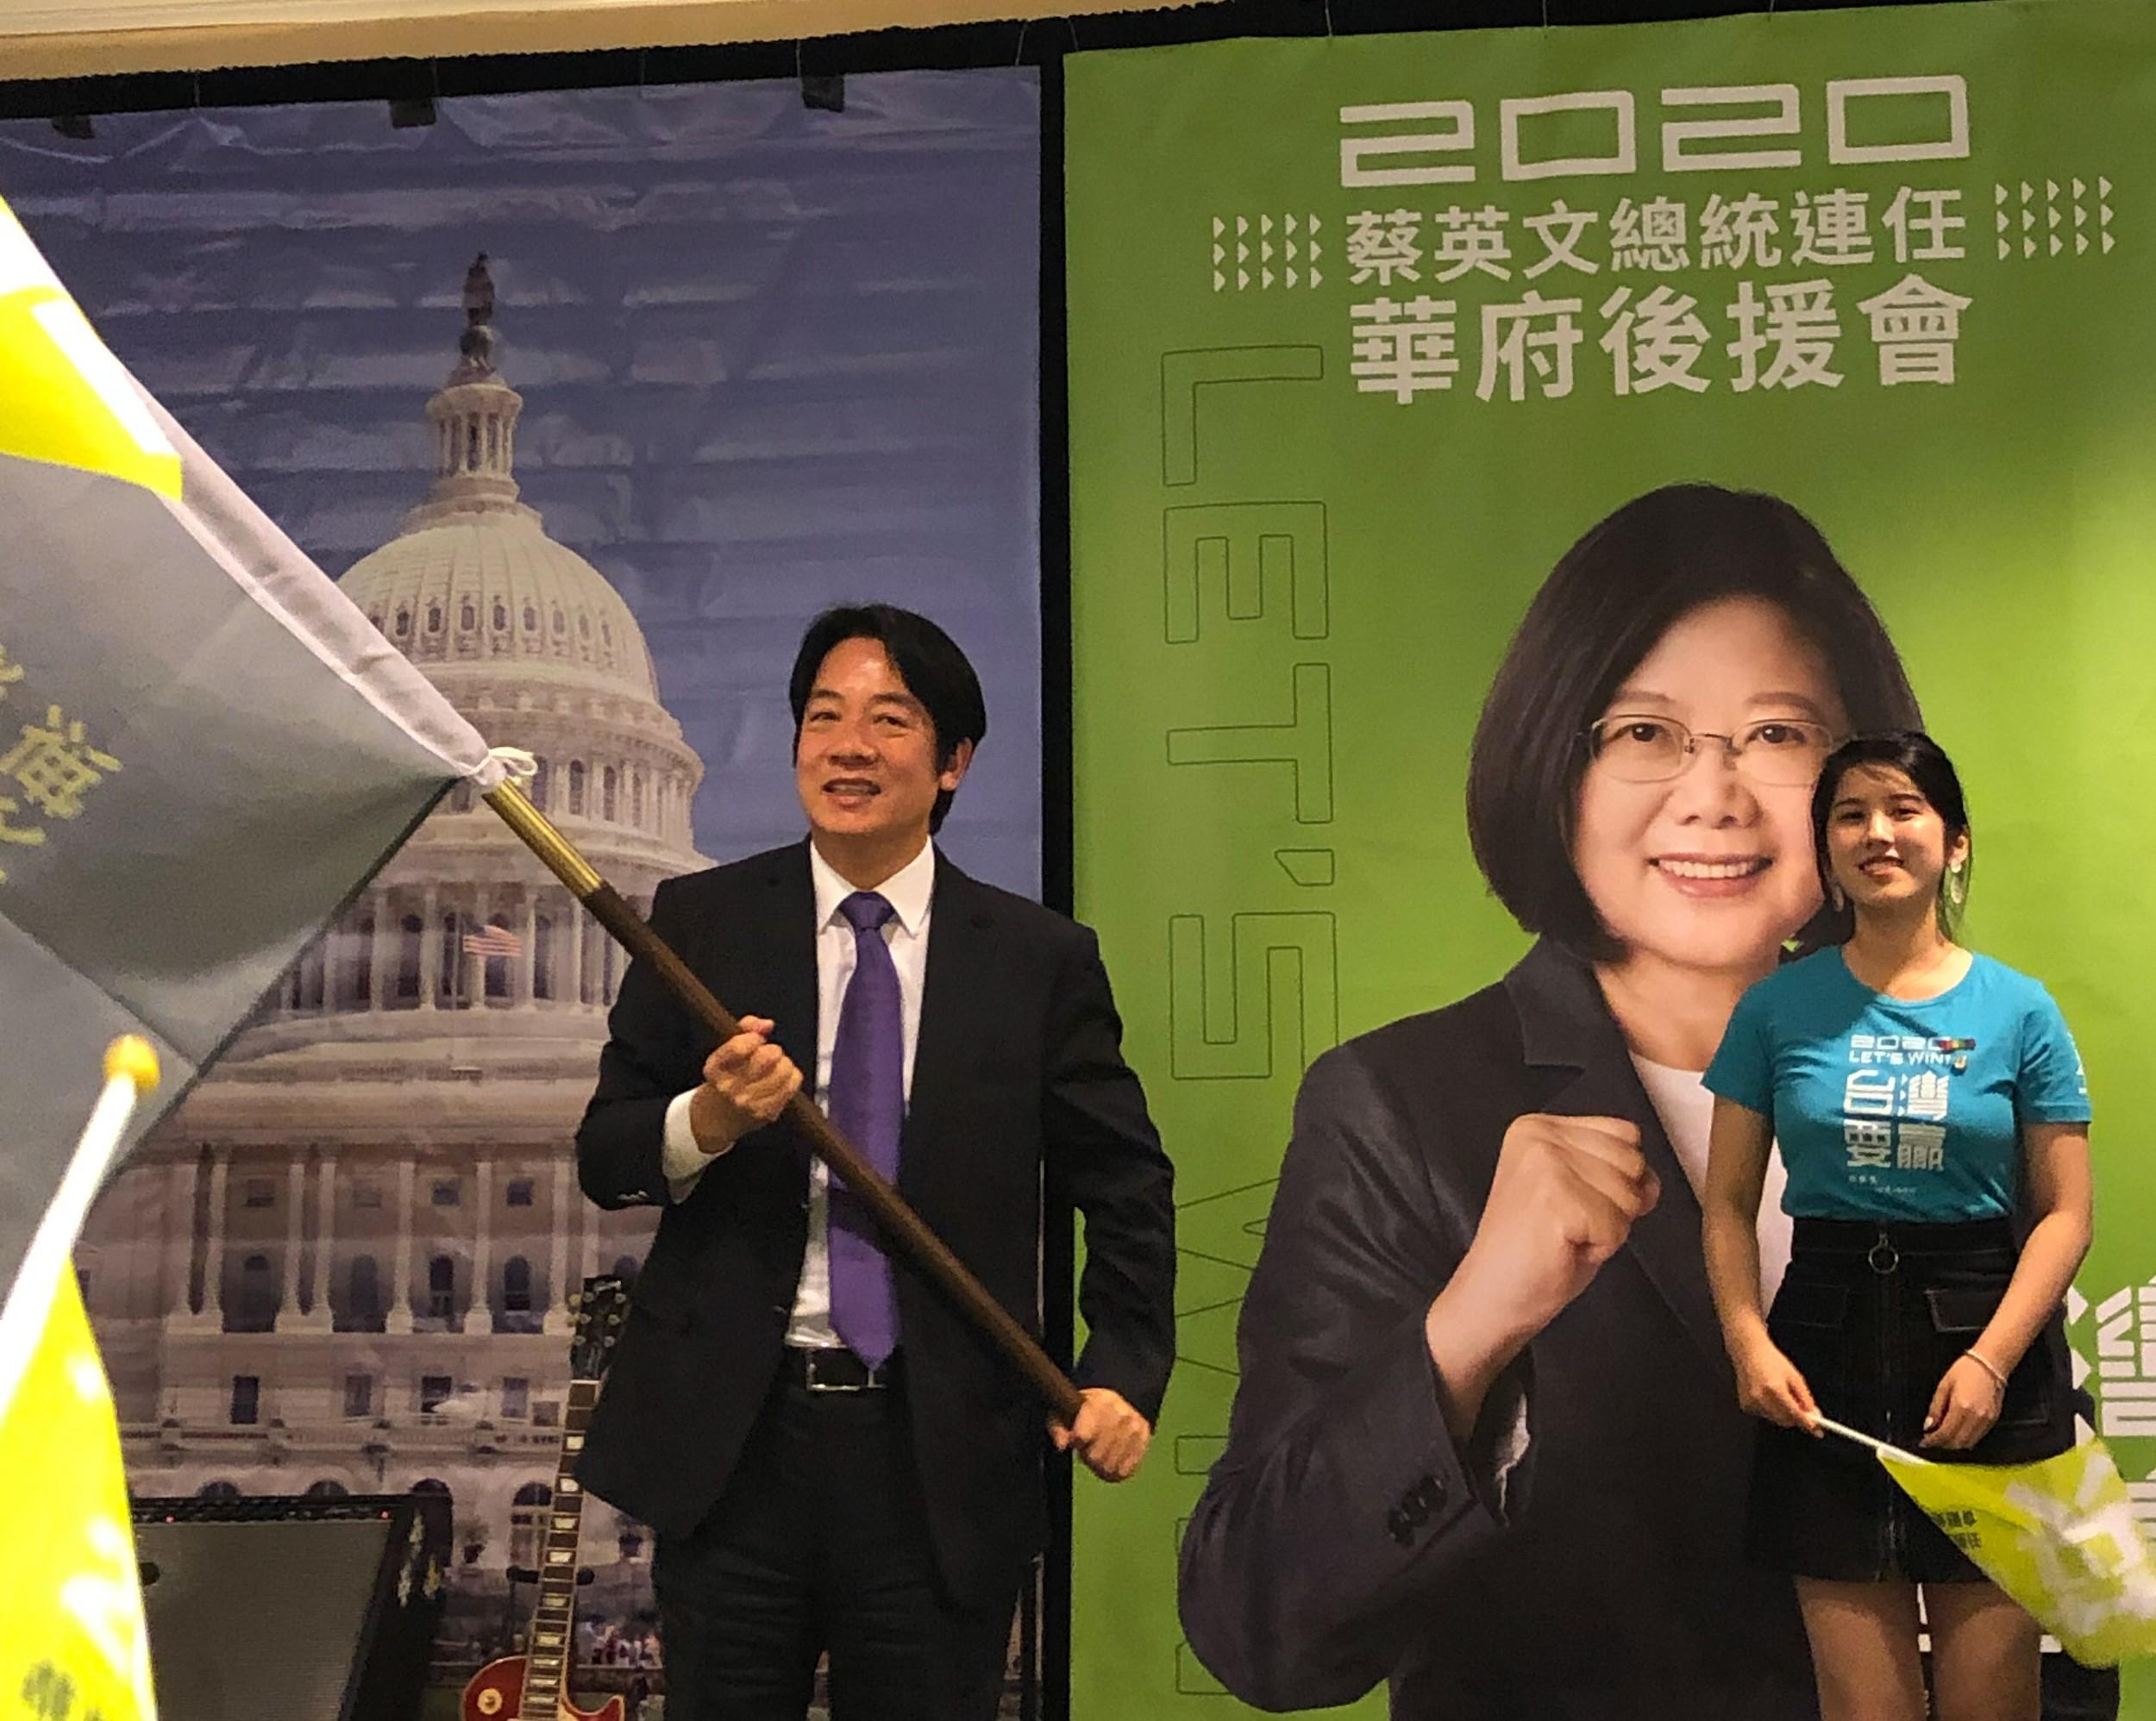 2019年10月19日,代表台湾民进党总统候选人蔡英文到华府参加造势大会的前行政院长赖清德在授旗仪式中将ㄧ面支持蔡英文连任的旗帜交给大华府小英后援会会长简明子 。